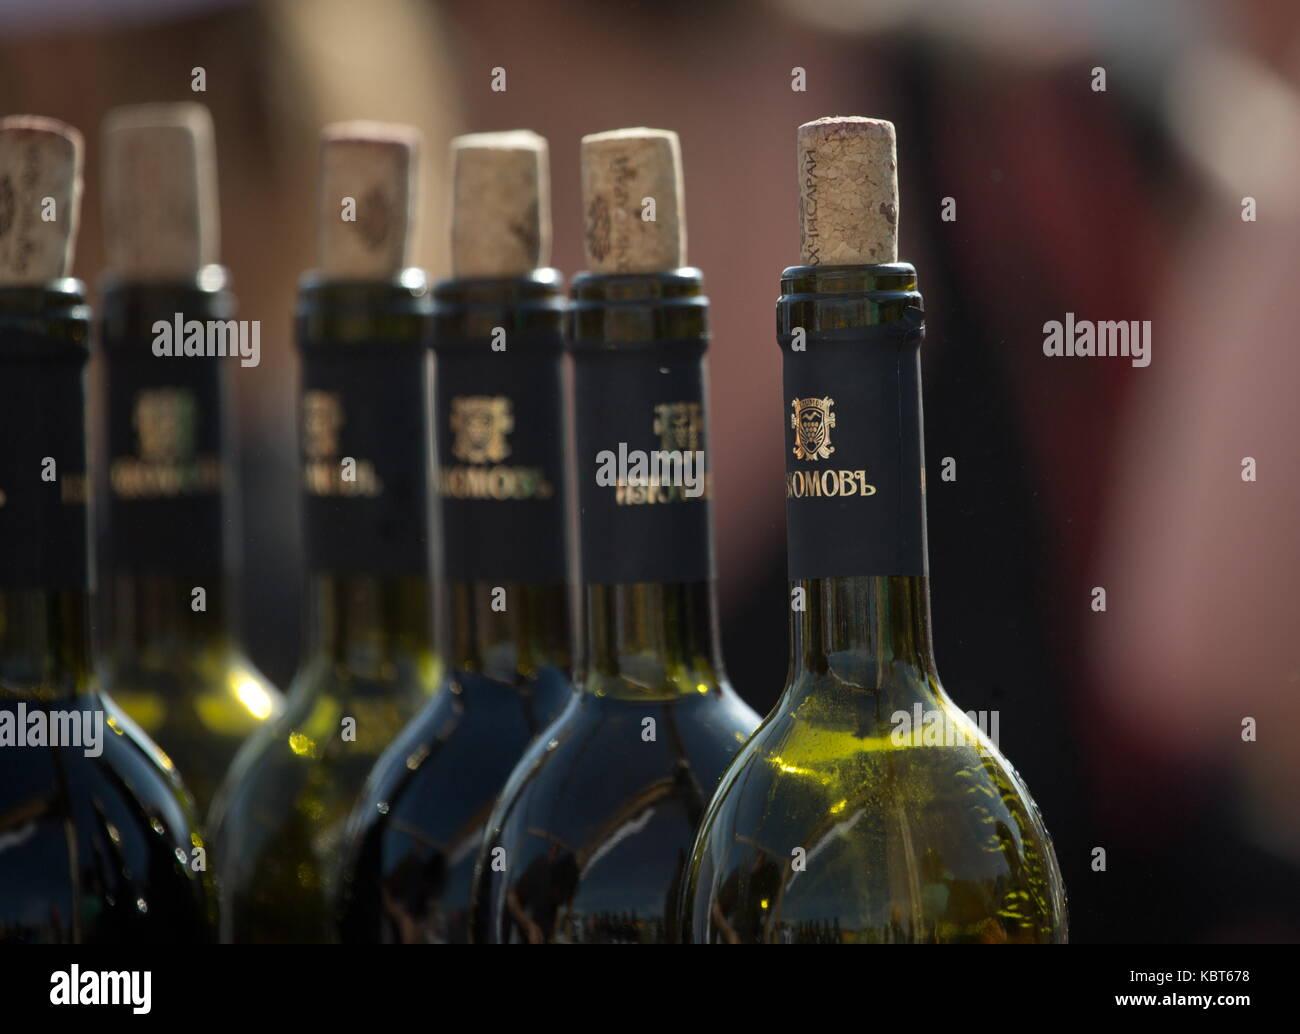 Crimea, Rusia. 30 sep, 2017. las botellas de vino en el winefest la recolección de la uva y la elaboración del vino en el festival de zolotaya balka bodega en la ciudad de balaklava. Crédito: Sergei malgavko/tass/alamy live news Foto de stock